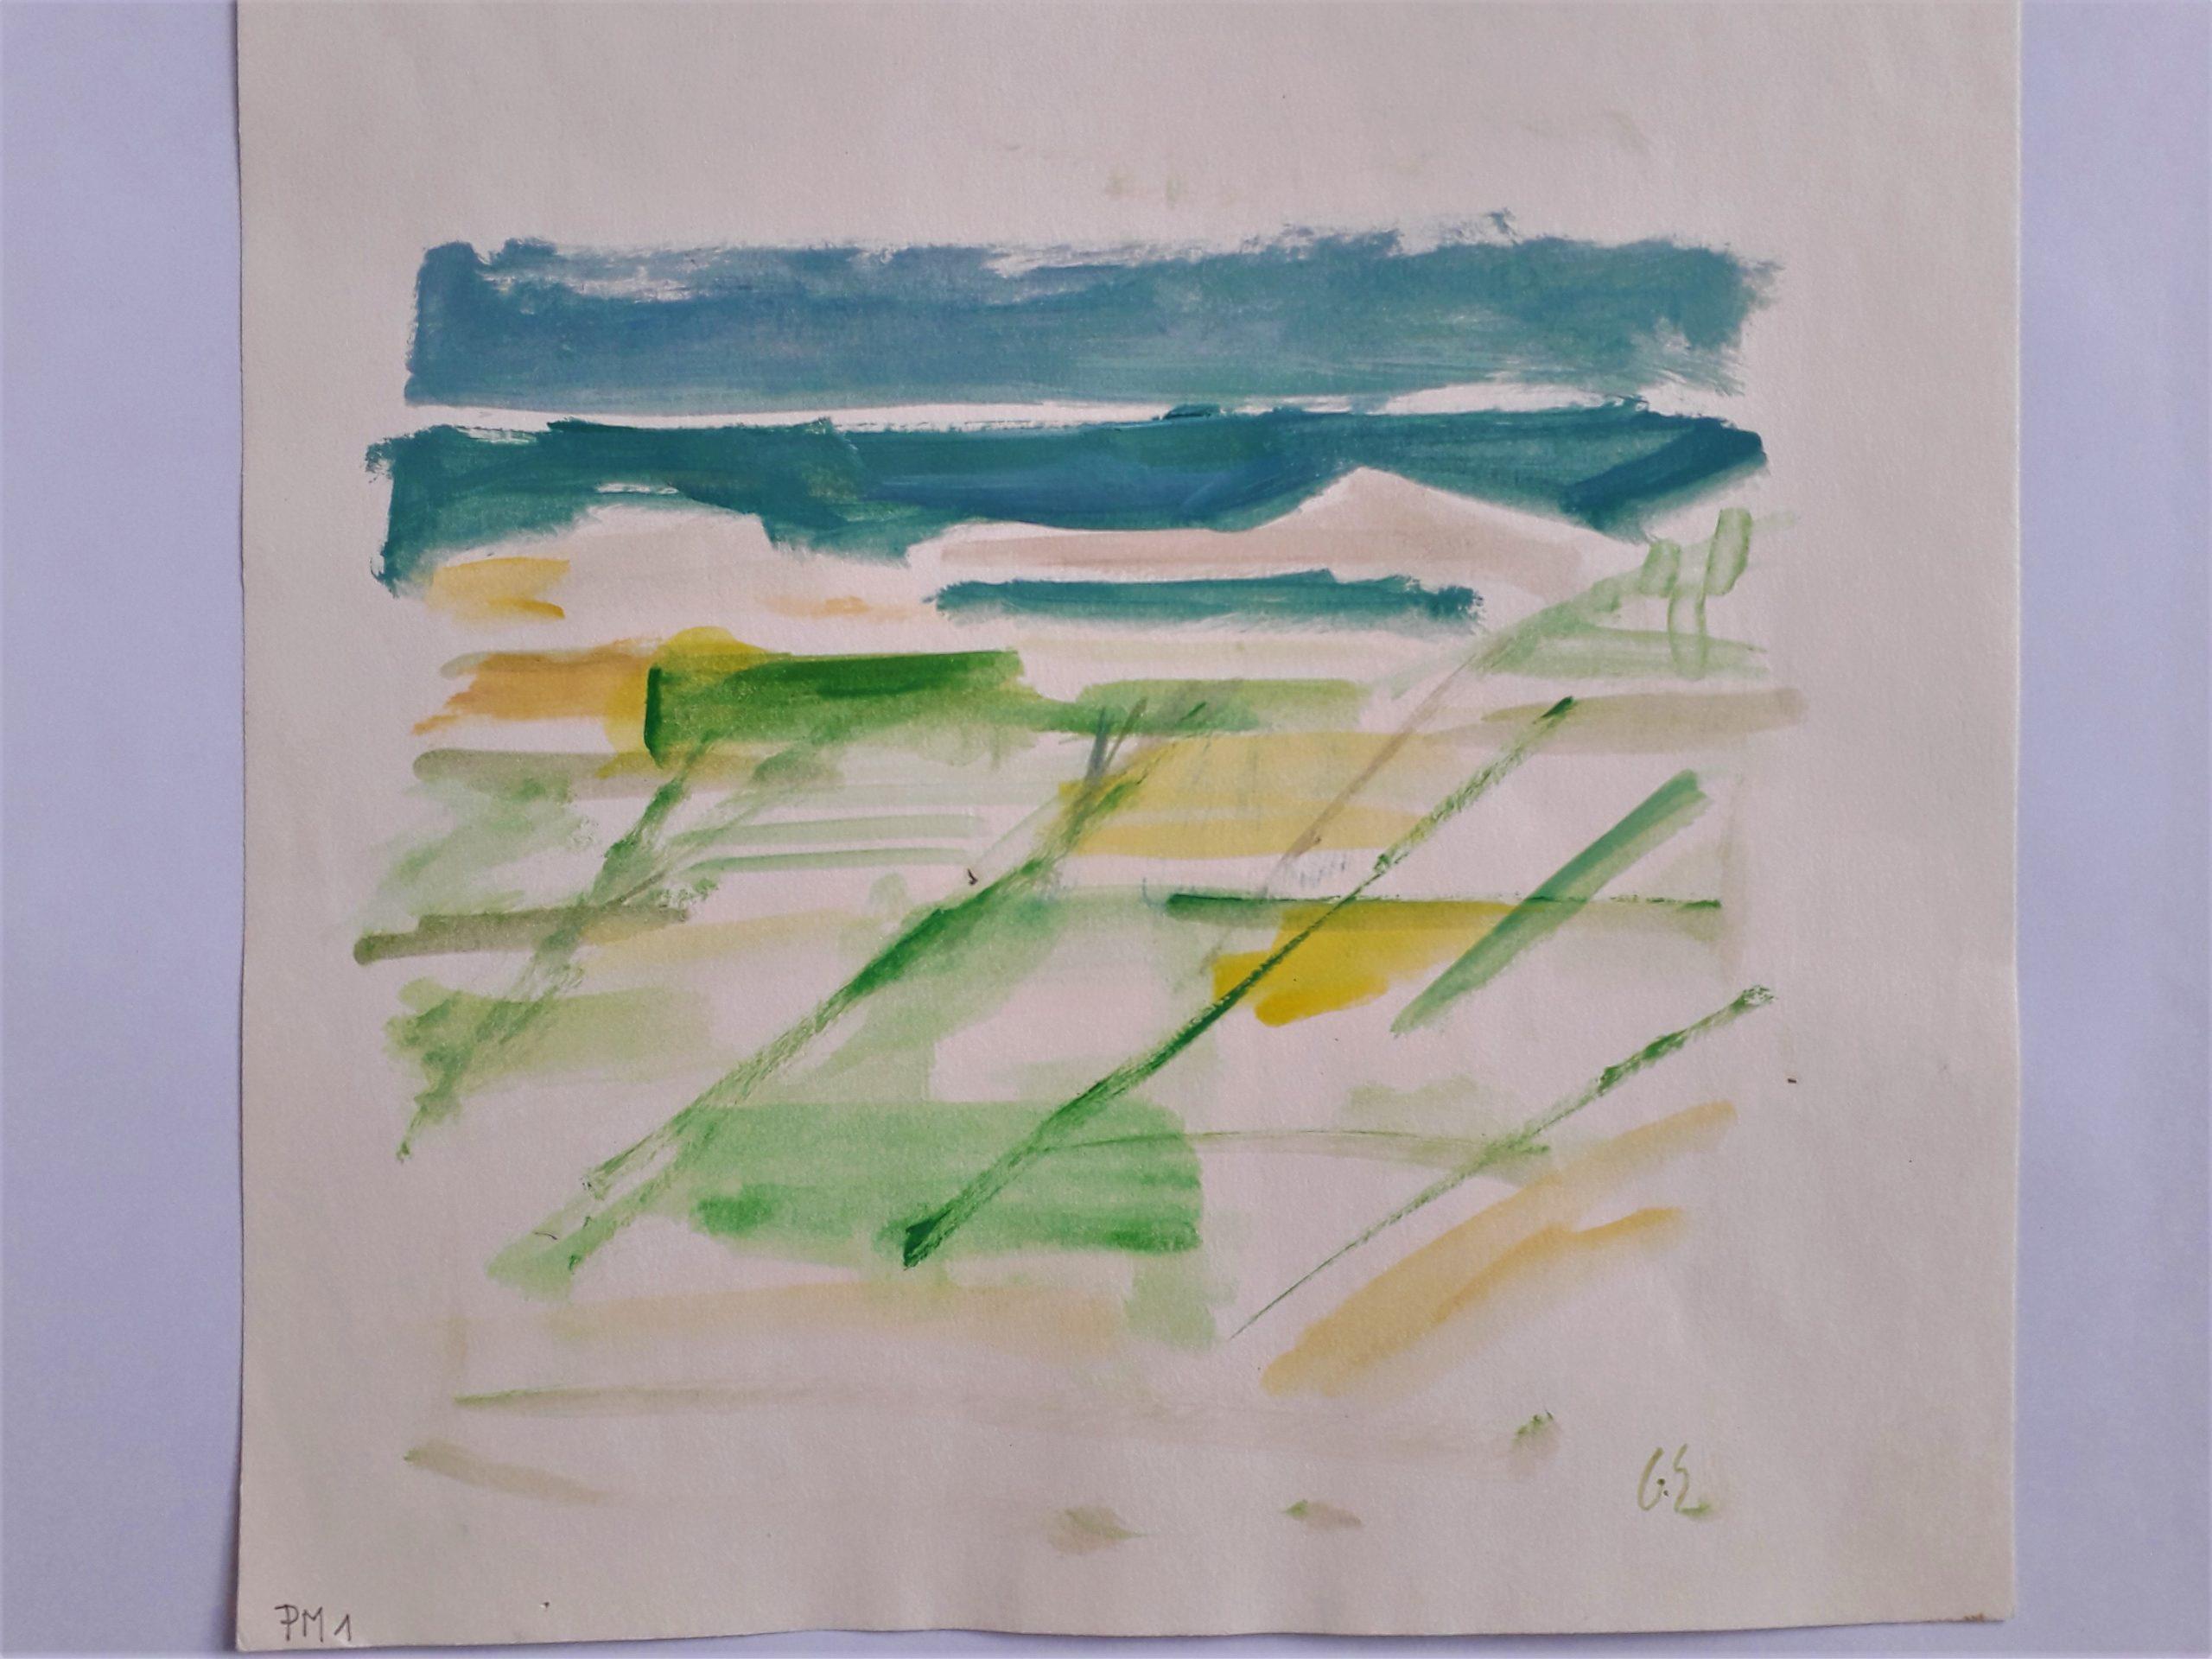 singer-gerard-paysage-marin-pm1bis